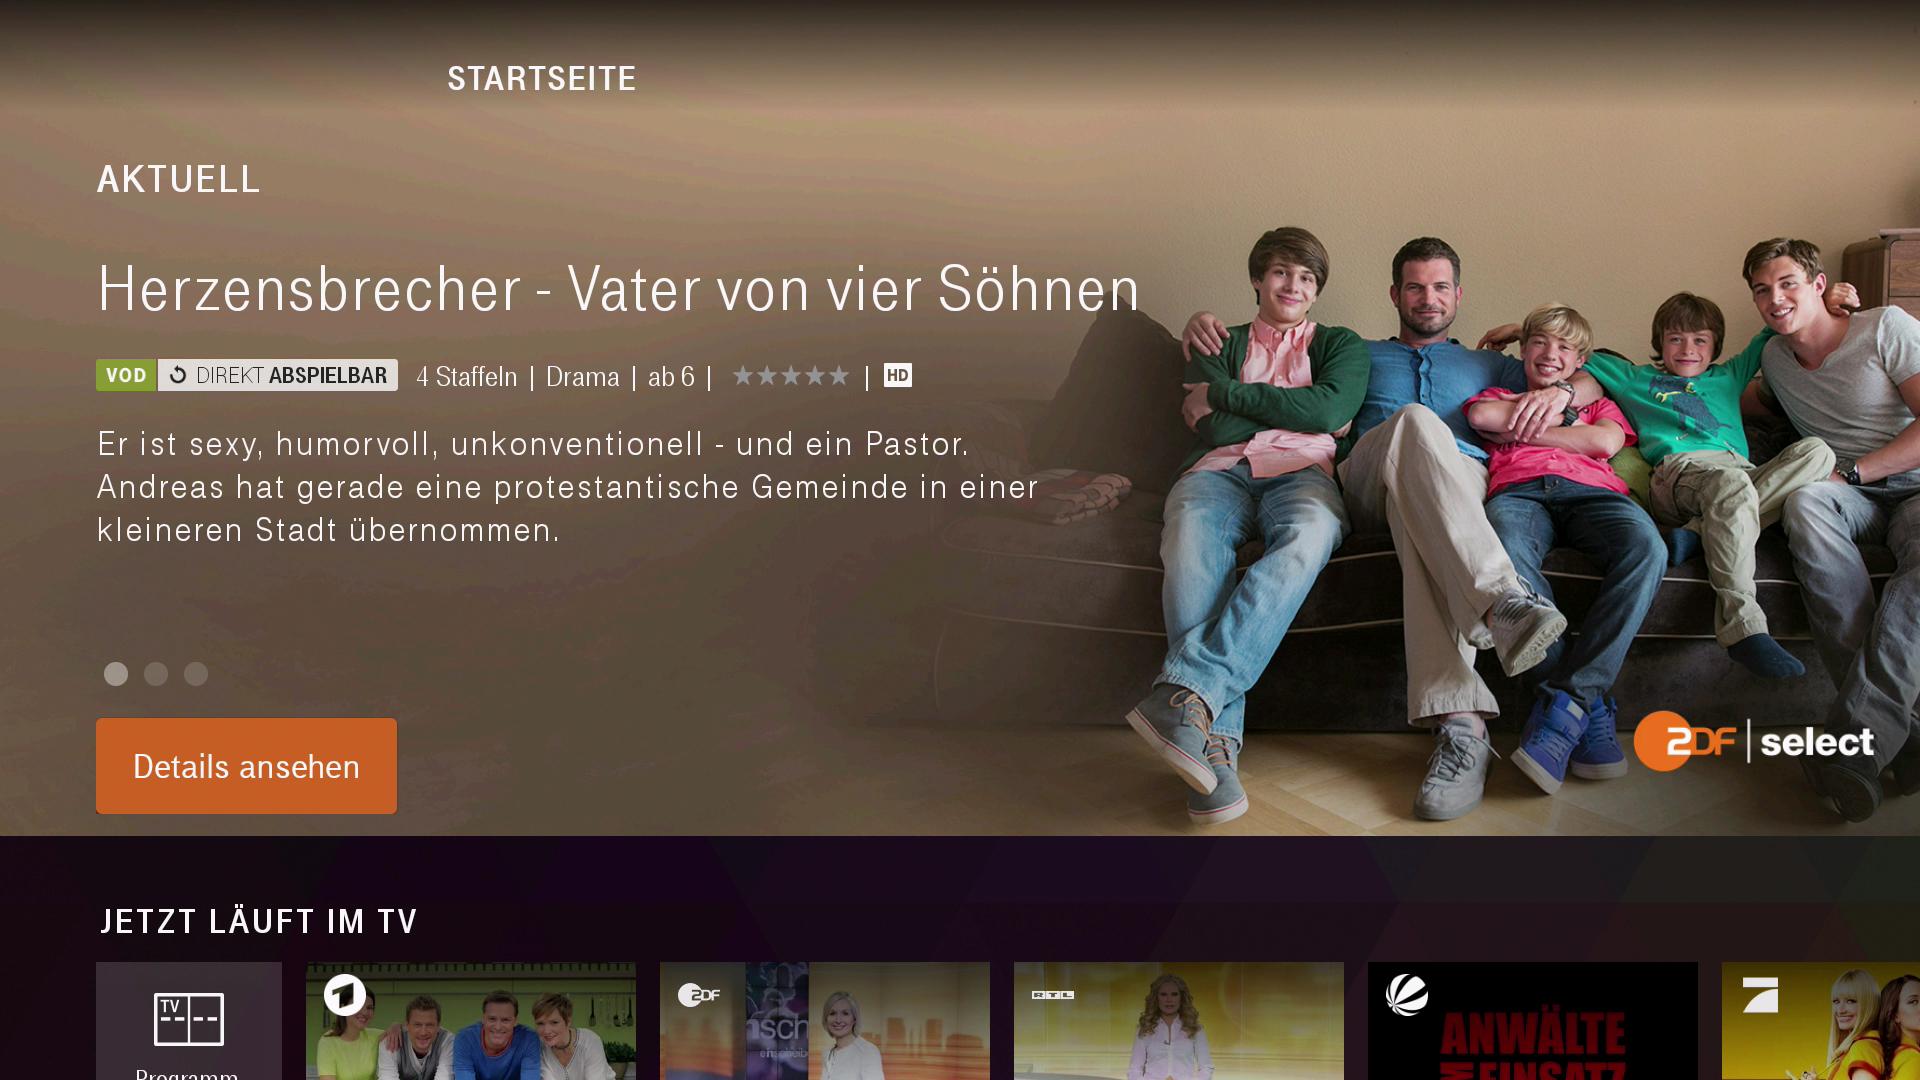 Verkauf des Magenta-TV-Stick: Magenta TV und Disney+ jeweils drei Monate kostenlos - Startseite von Magenta TV (Bild: Ingo Pakalski/Golem.de)